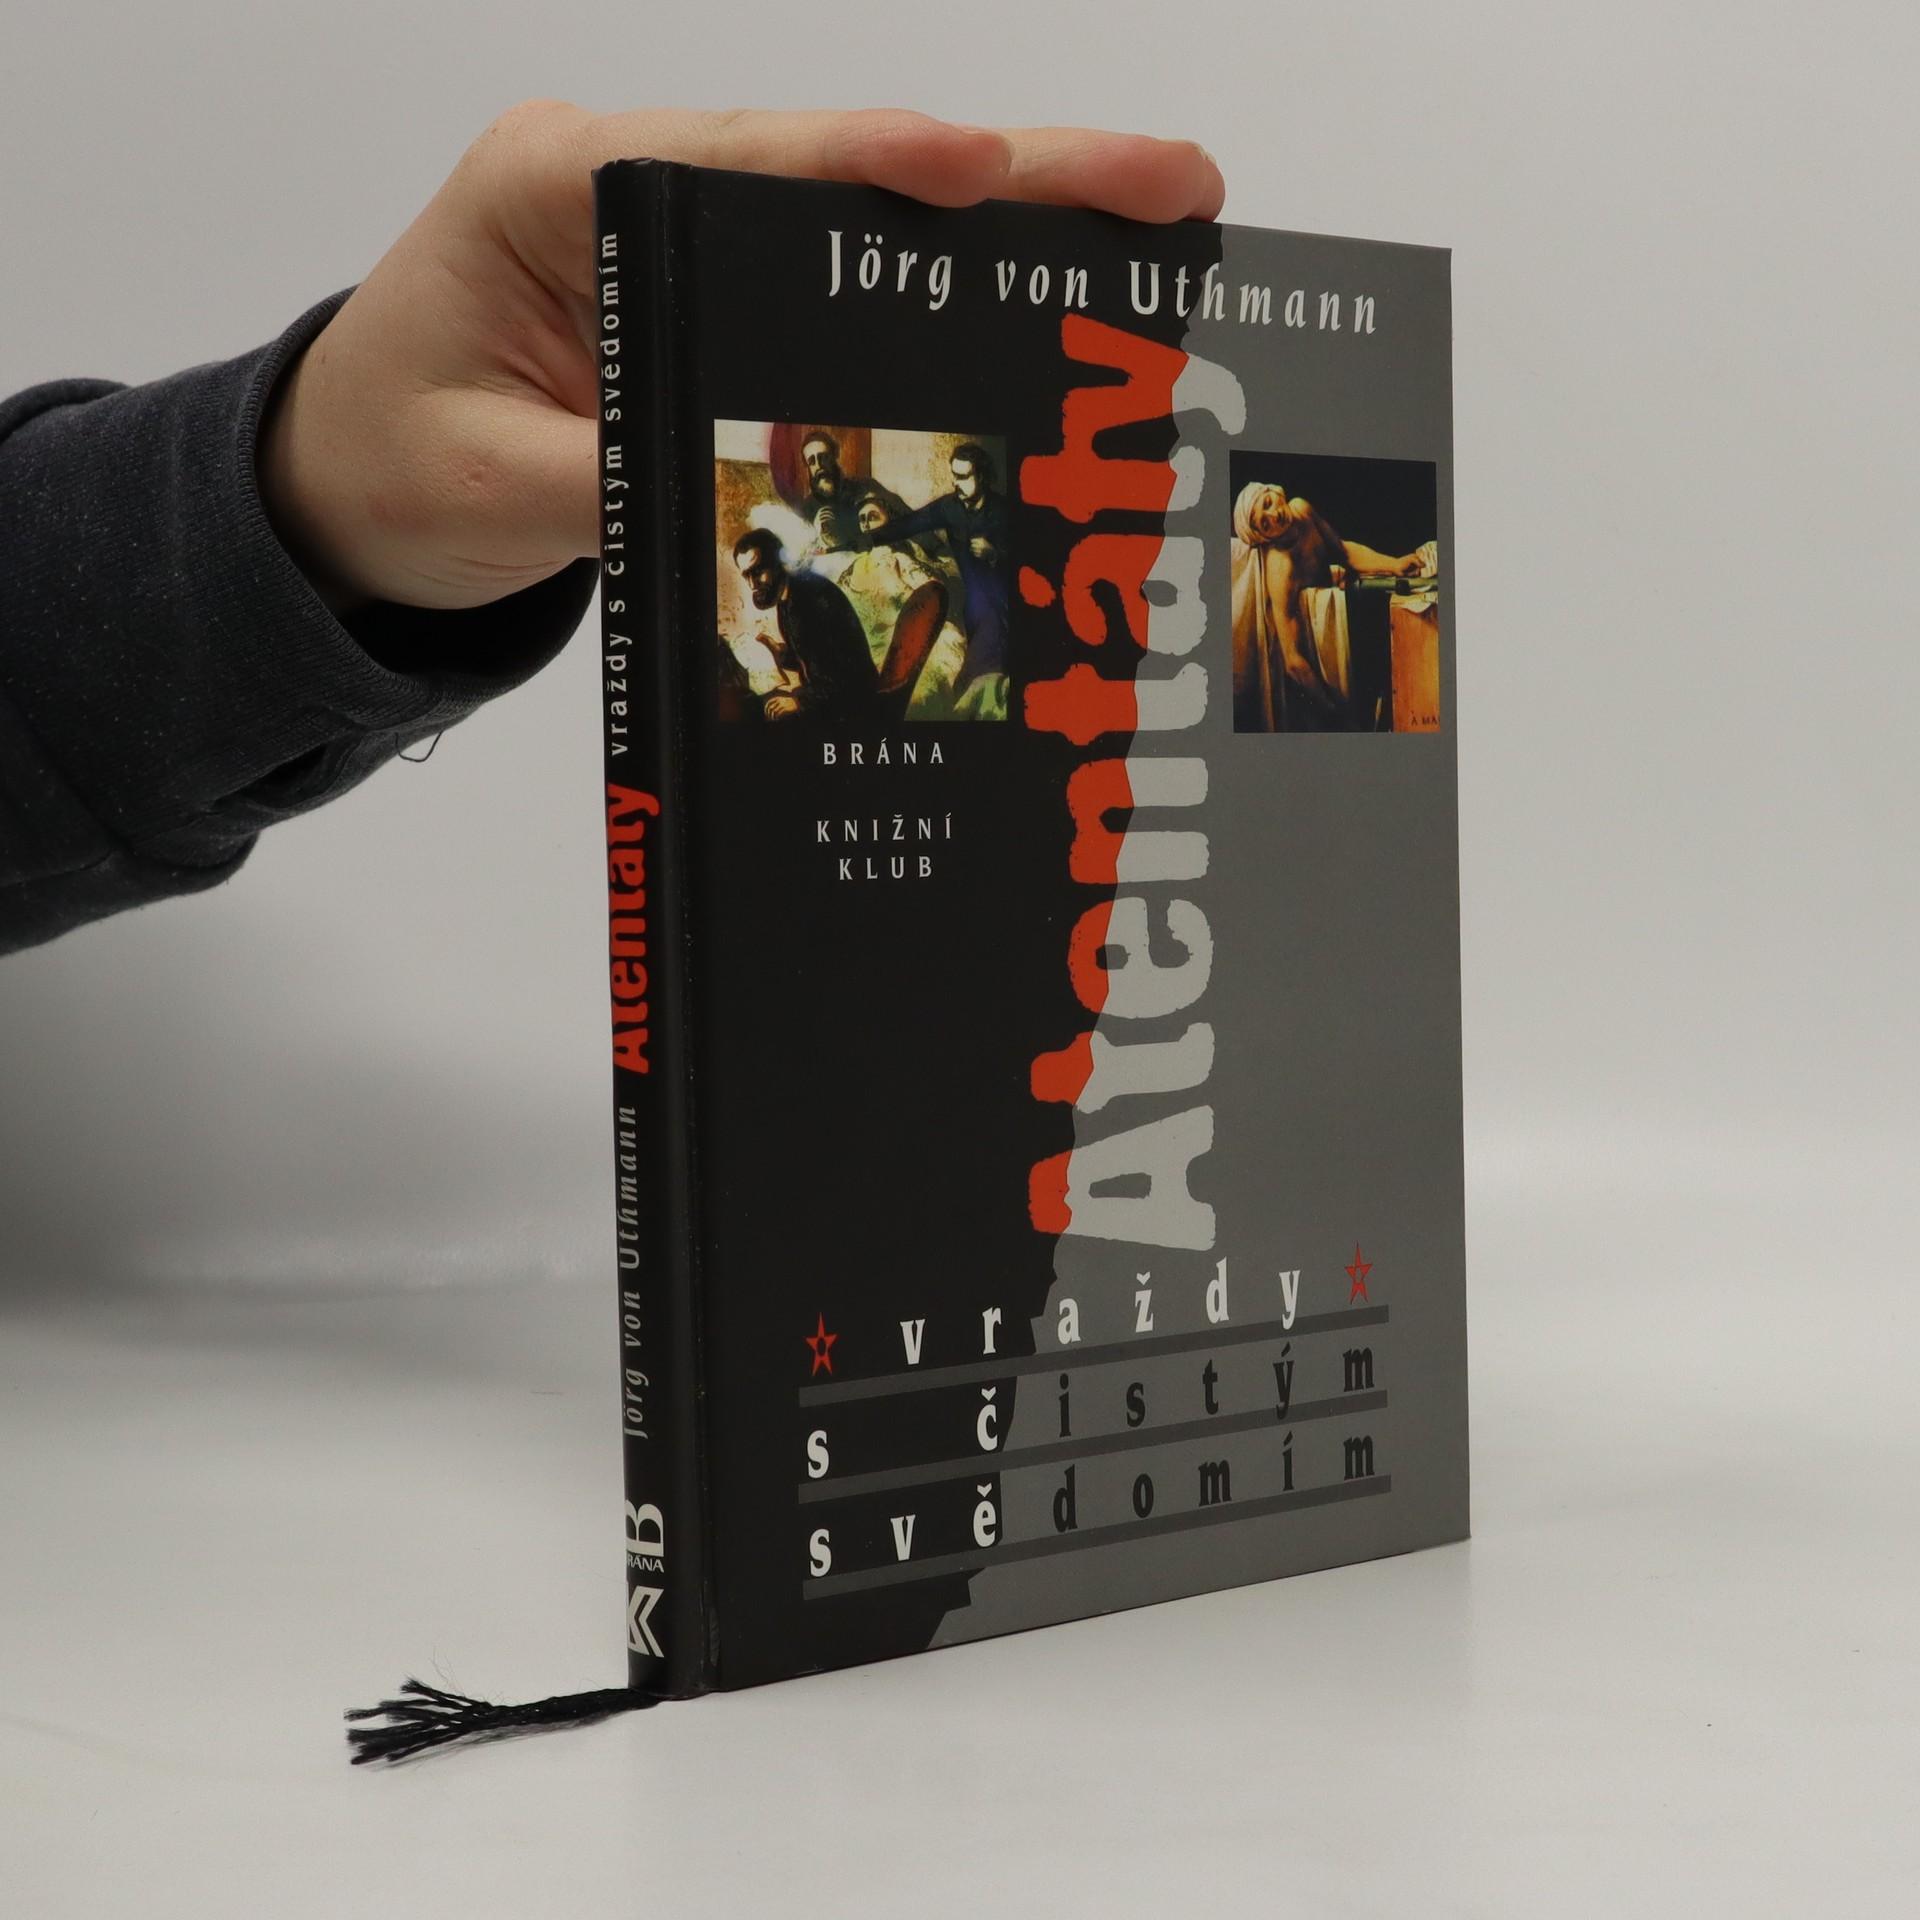 antikvární kniha Atentáty : vraždy s čistým svědomím, 1998